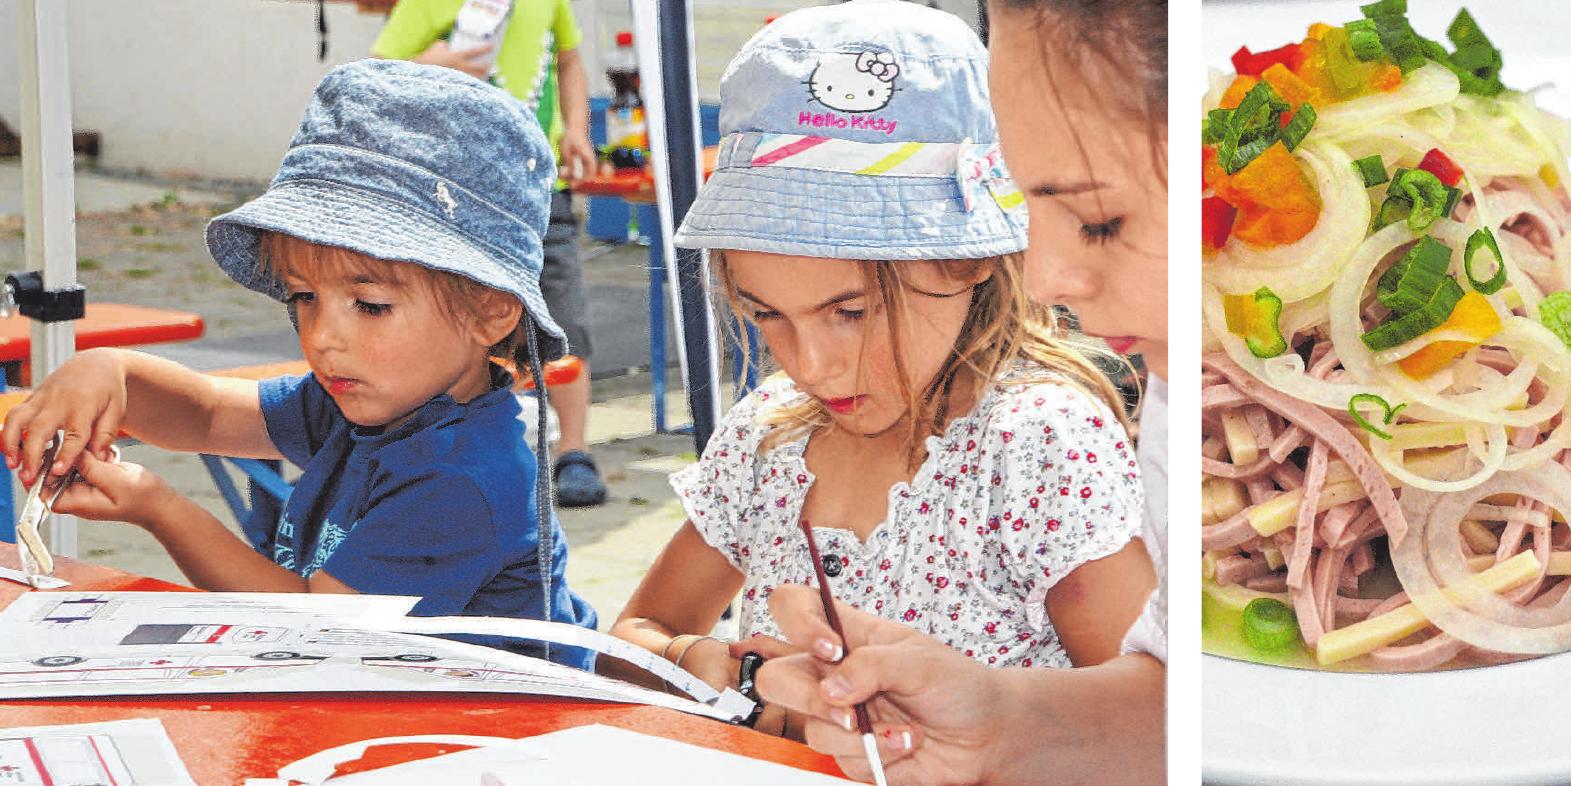 Auch eine Kinderbetreuung mit Bastelecke im Zelt und Hüpfburg gibt es am Sonntag. Wurstsalat am Montagabend.